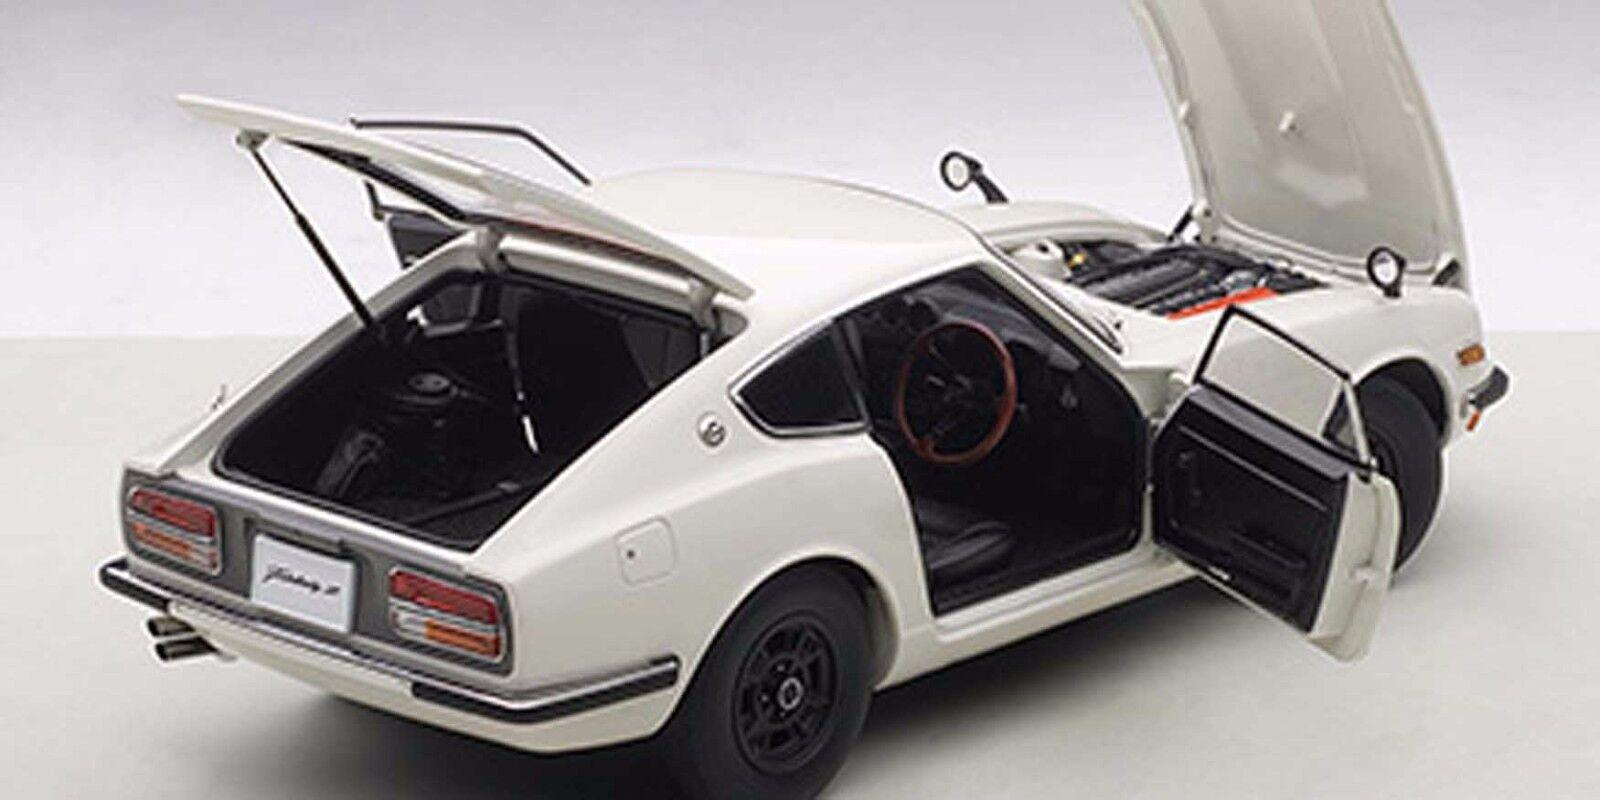 Autoart 1969 Nissan Fairlady Z432 biancao en escala 1 18. Nueva Versión en Stock